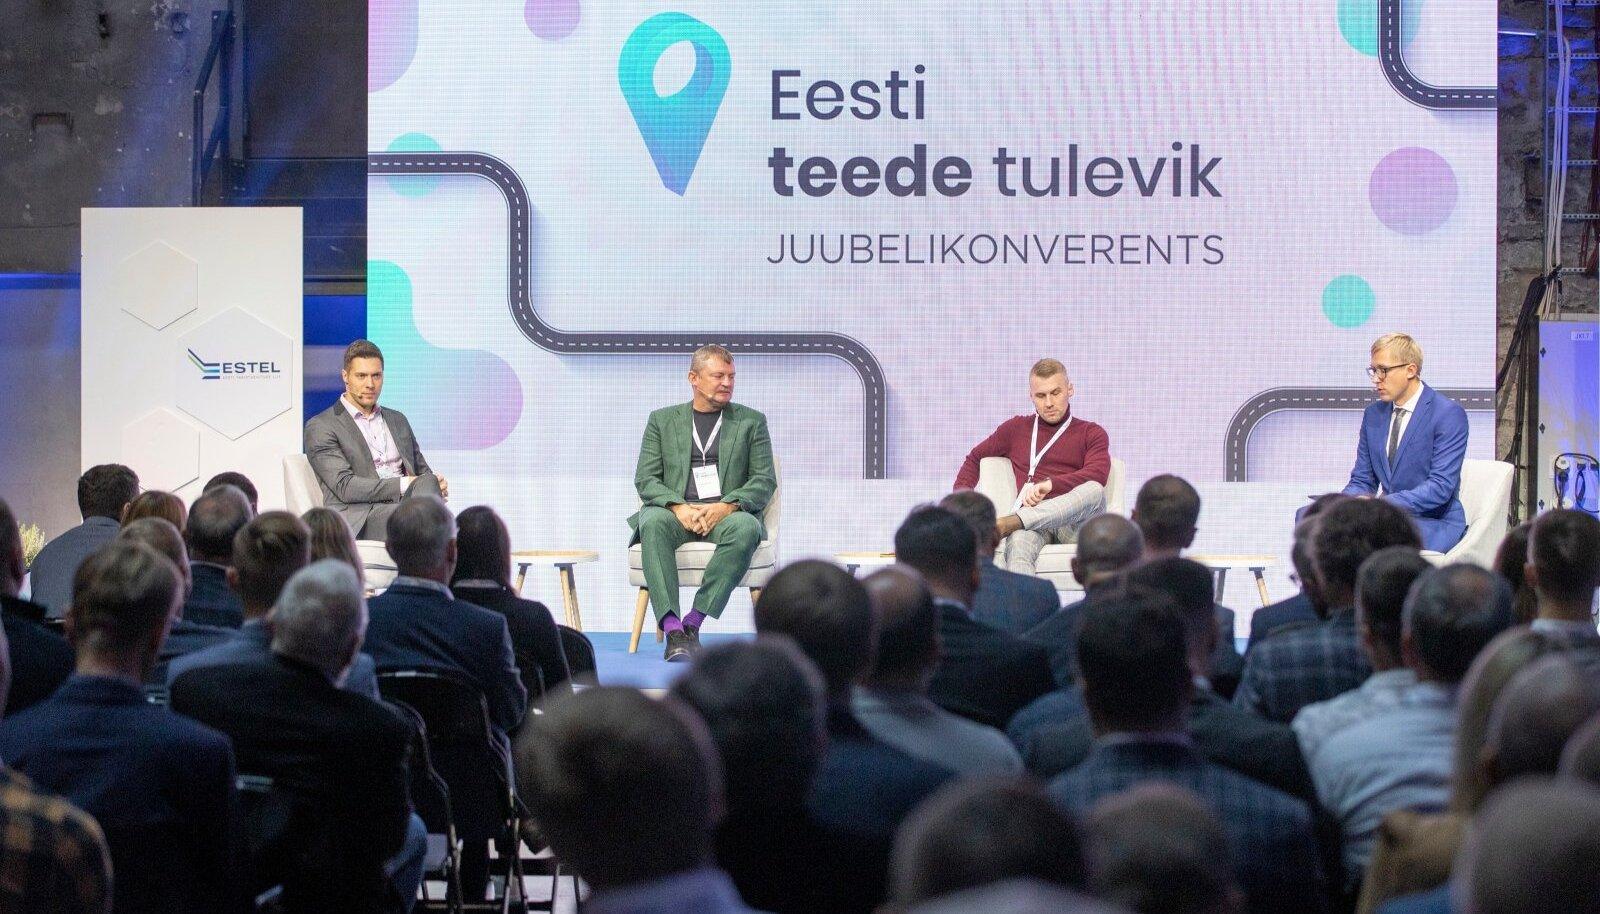 Konverents Eesti teede tulevik 8.10.2021